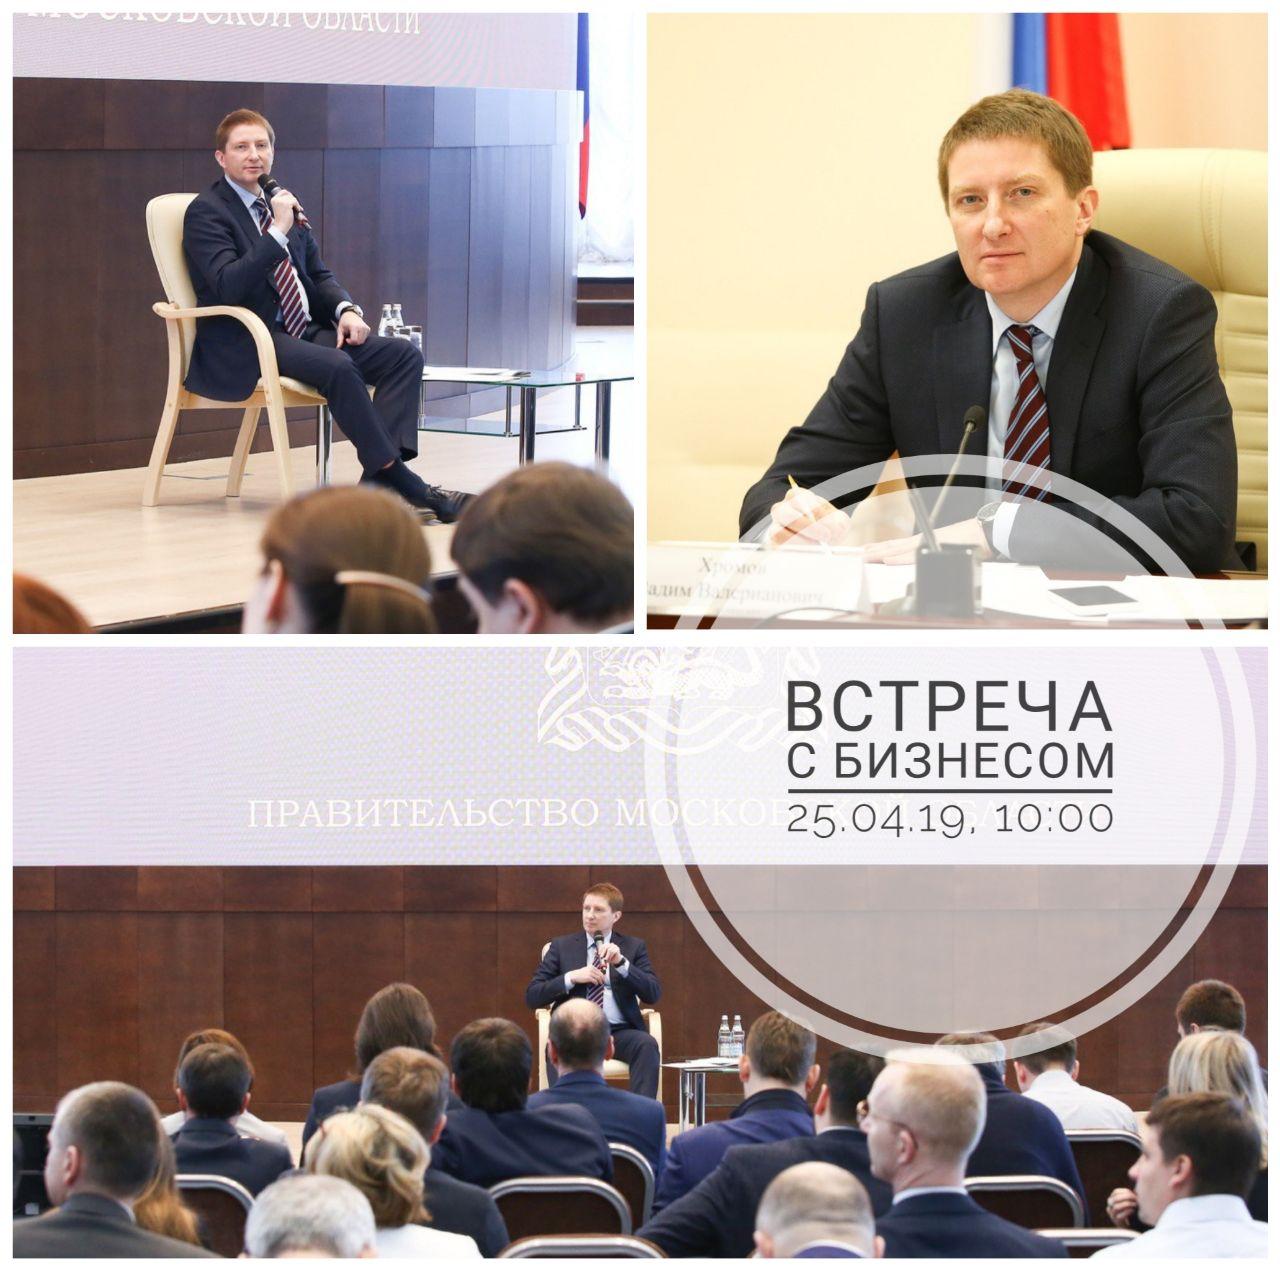 Зампред Правительства Подмосковья Вадим Хромов проведет встречу с бизнесом